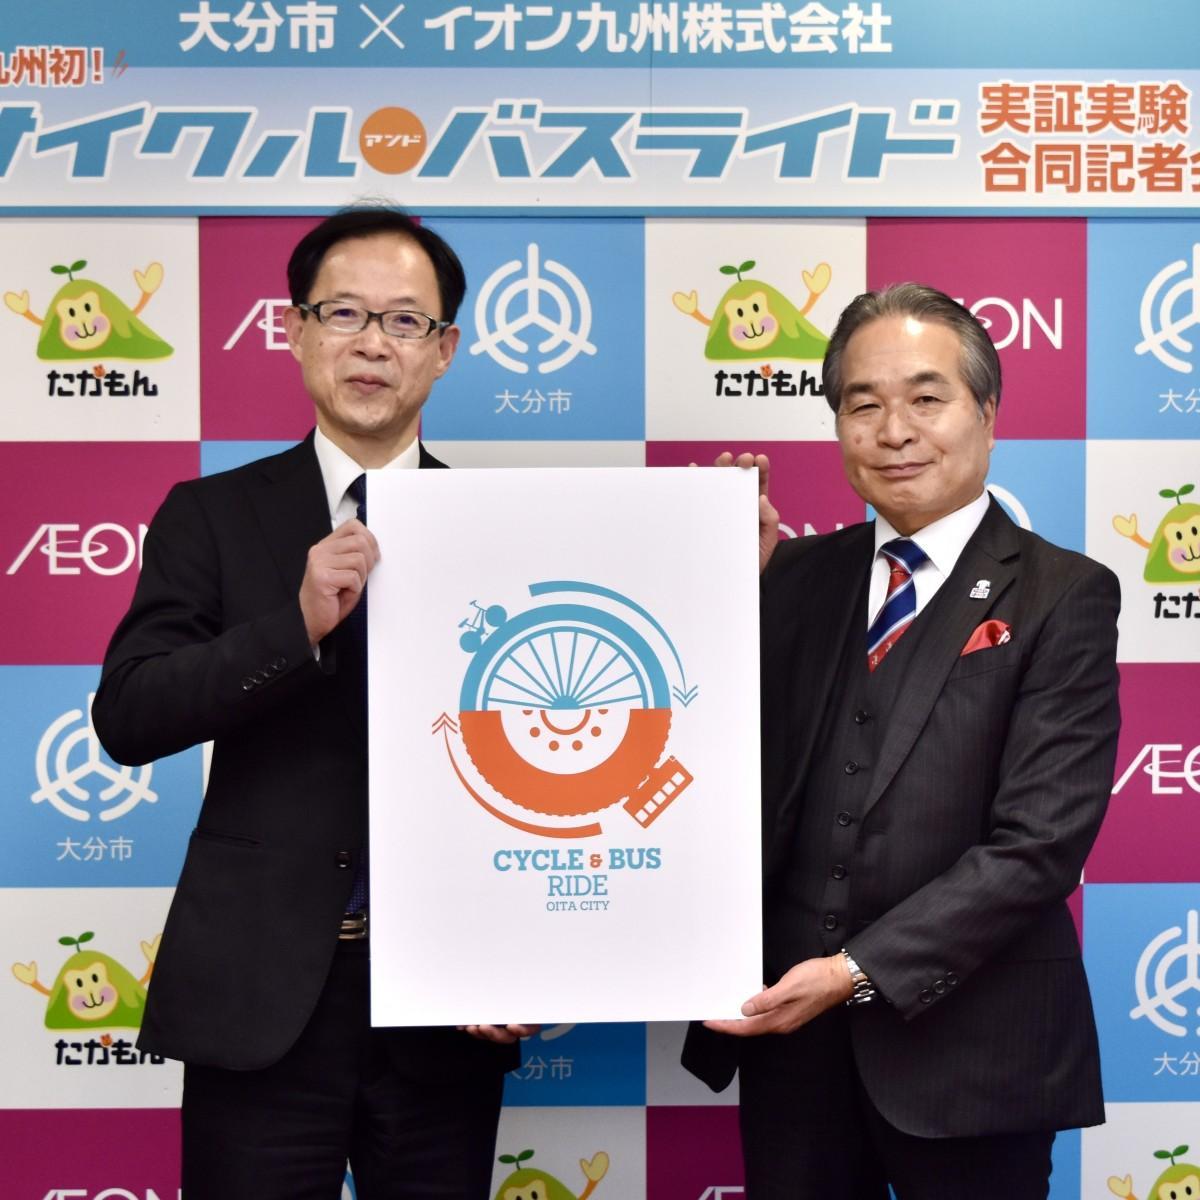 会見に臨んだ佐藤市長(左)と柴田社長